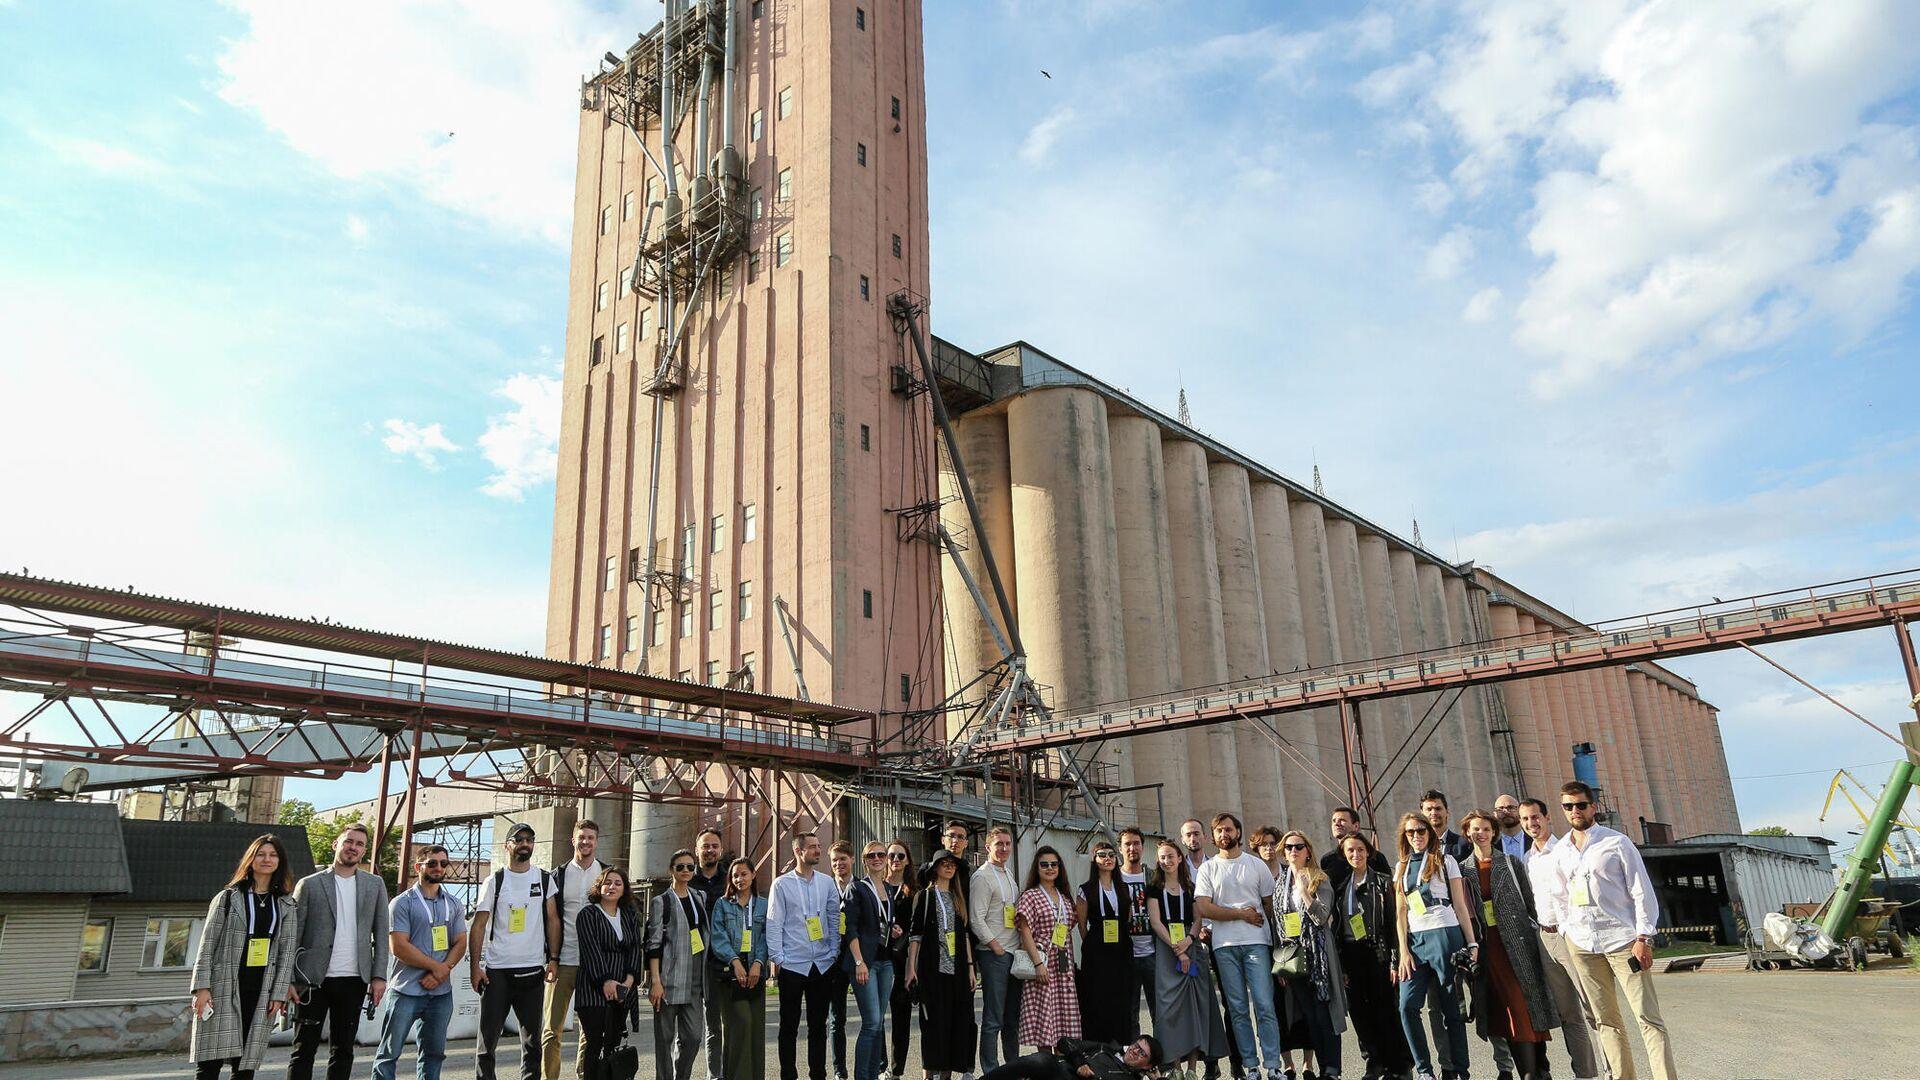 Участники второй Российской молодежной архитектурной биеннале возле портового элеватора в Казани - РИА Новости, 1920, 31.10.2019